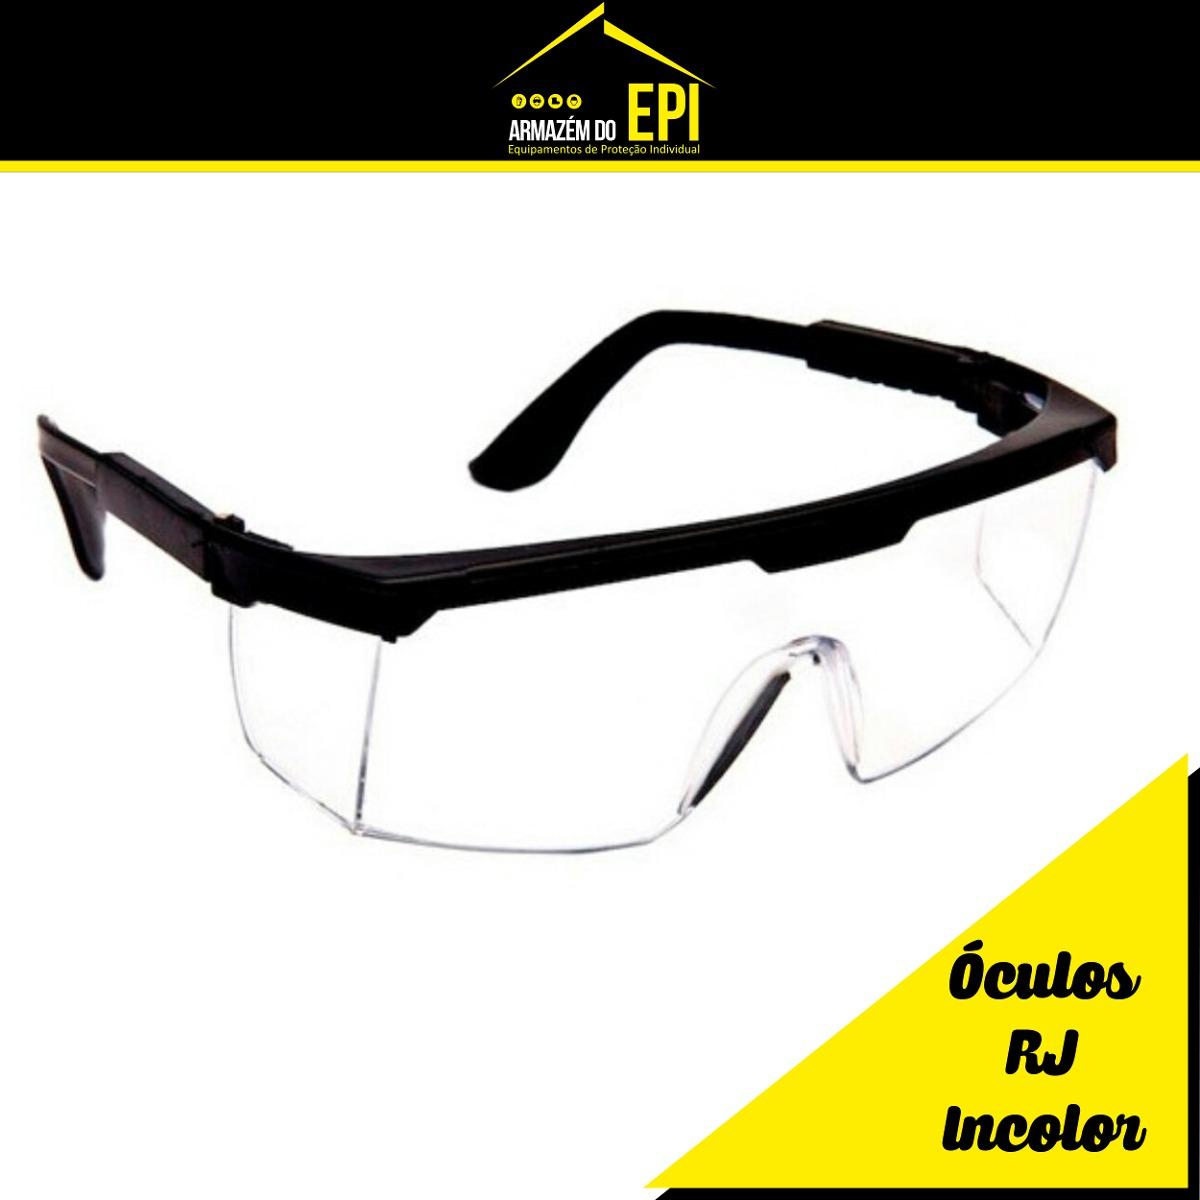 d453371e9db15 80 oculos proteção epi incolor uva uvb com ca equipamento. Carregando zoom.